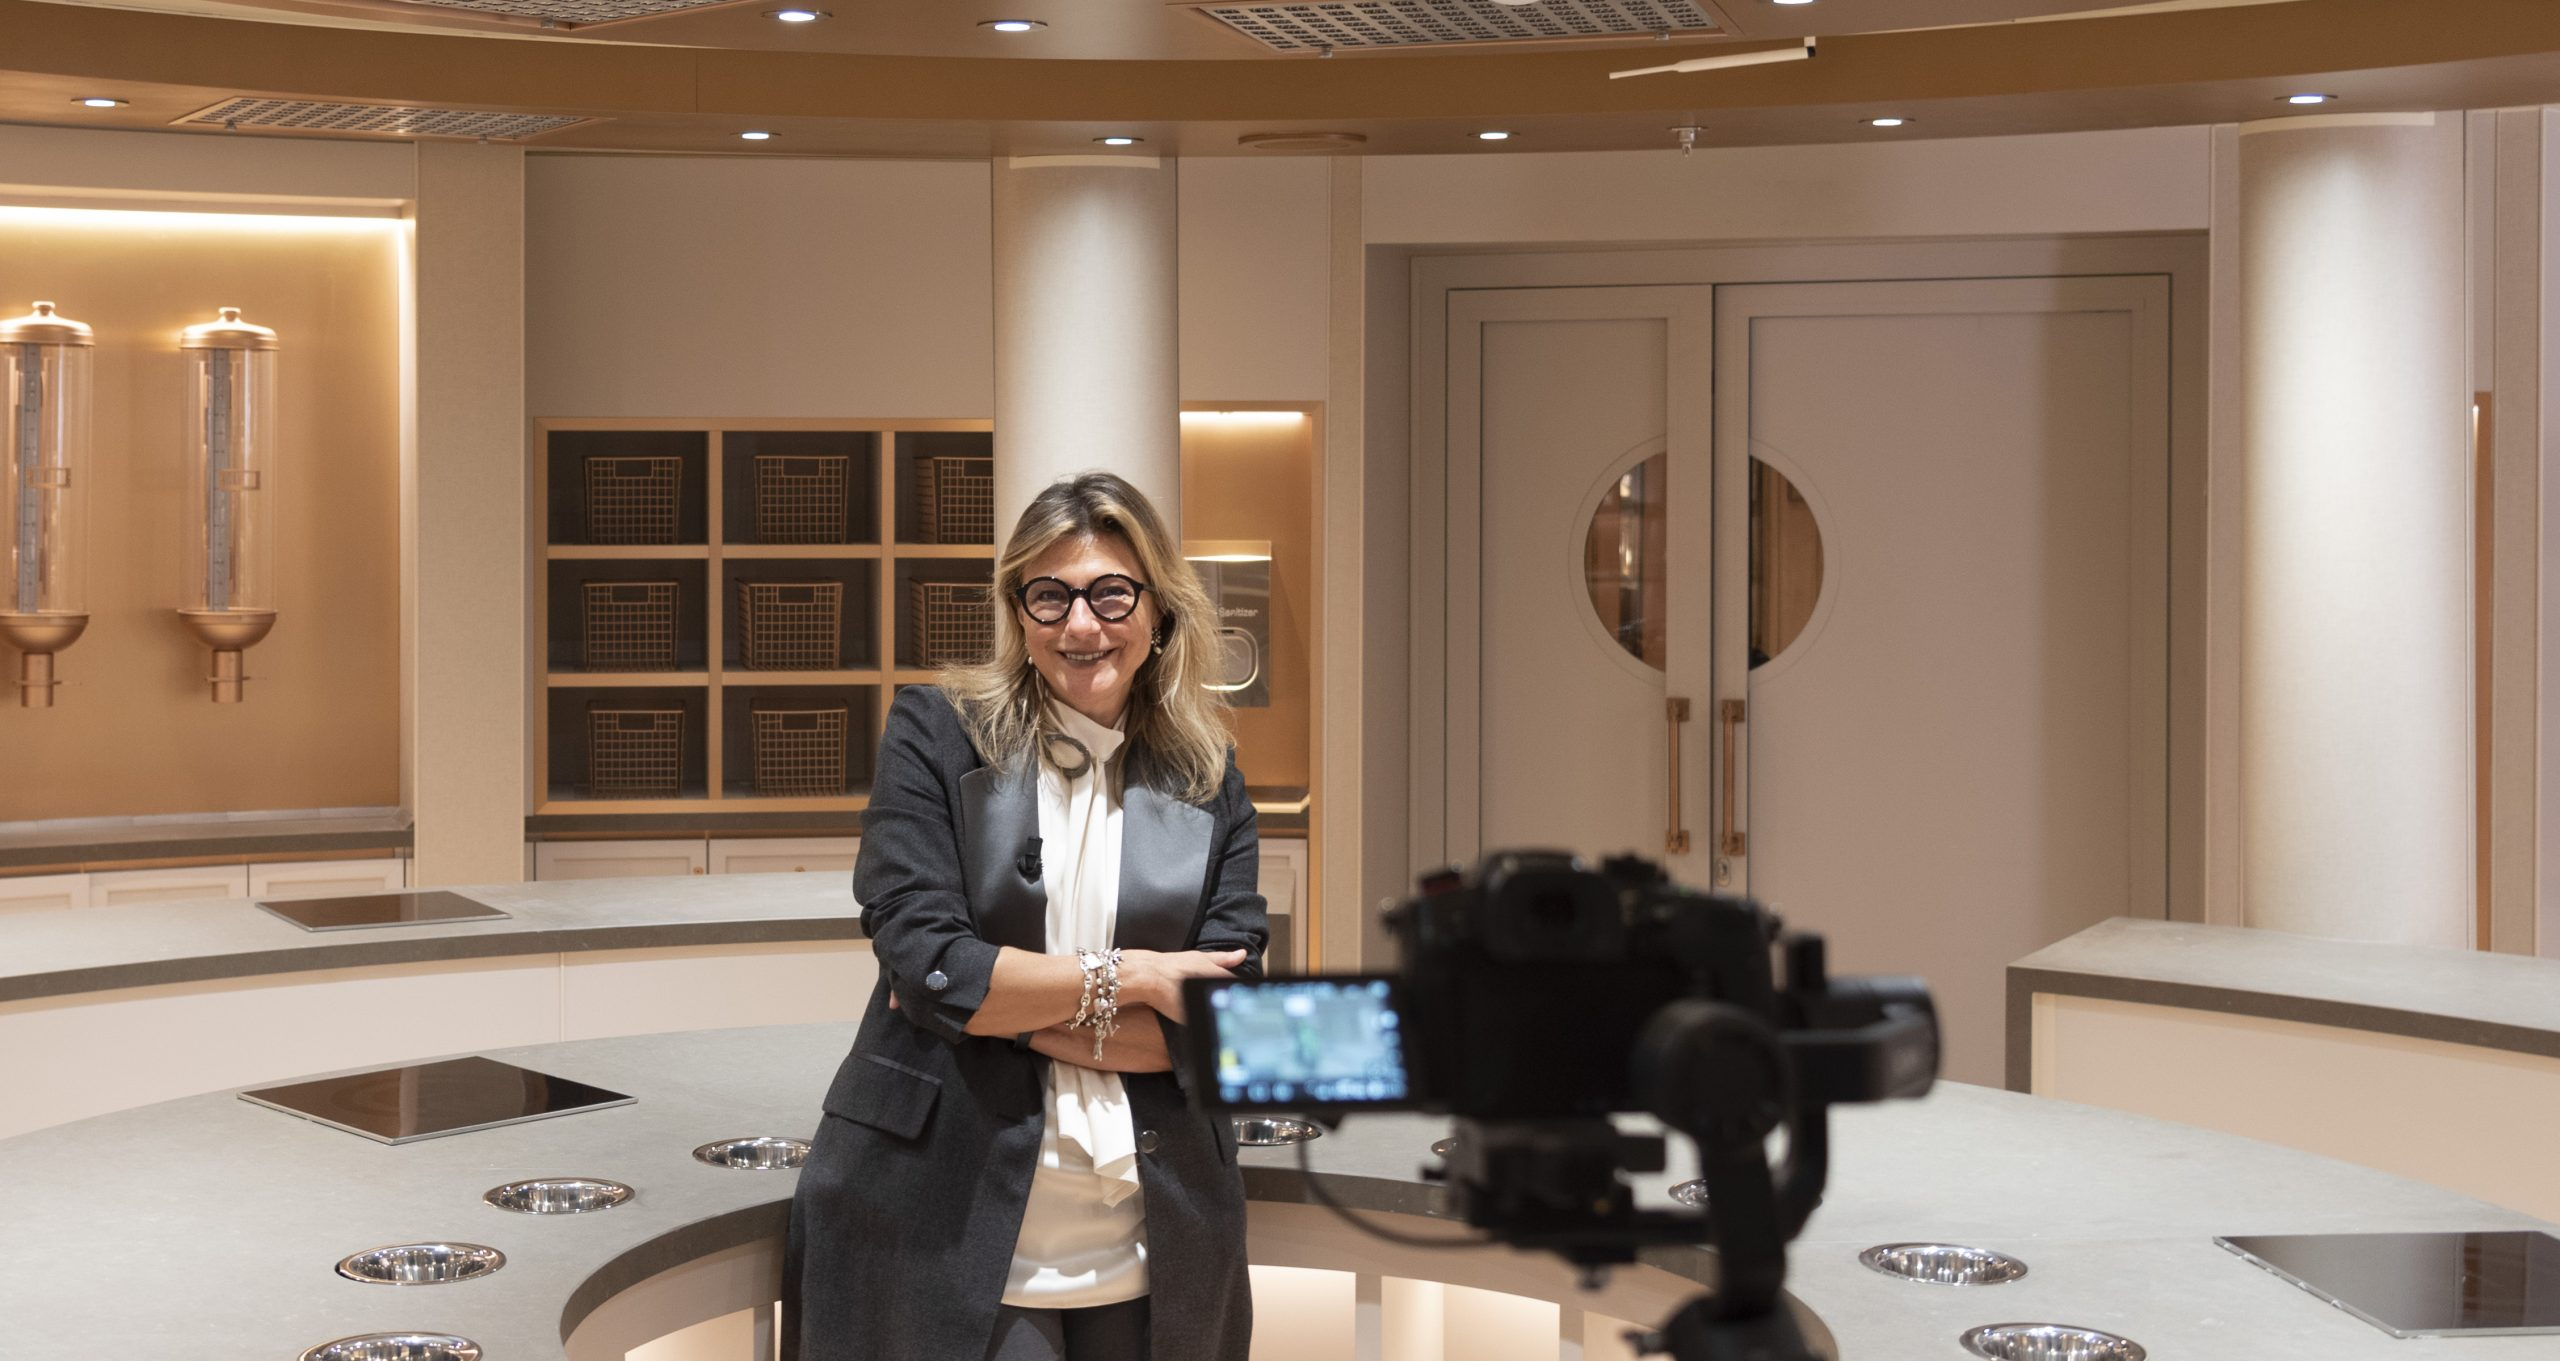 Silversea Cruises das gibt in fünf Videos erste Einblicke in das Interieur der Silver Moon. Barbara Muckermann präsentiert den Neubau